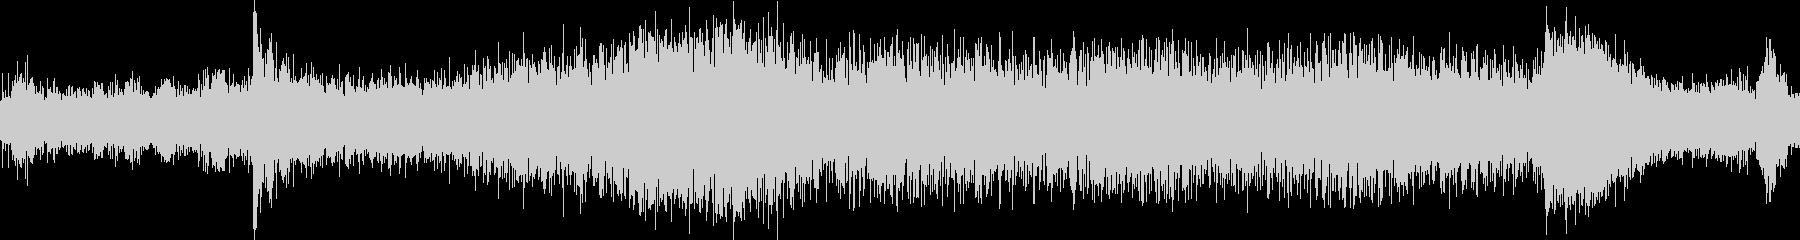 トラムの音の未再生の波形